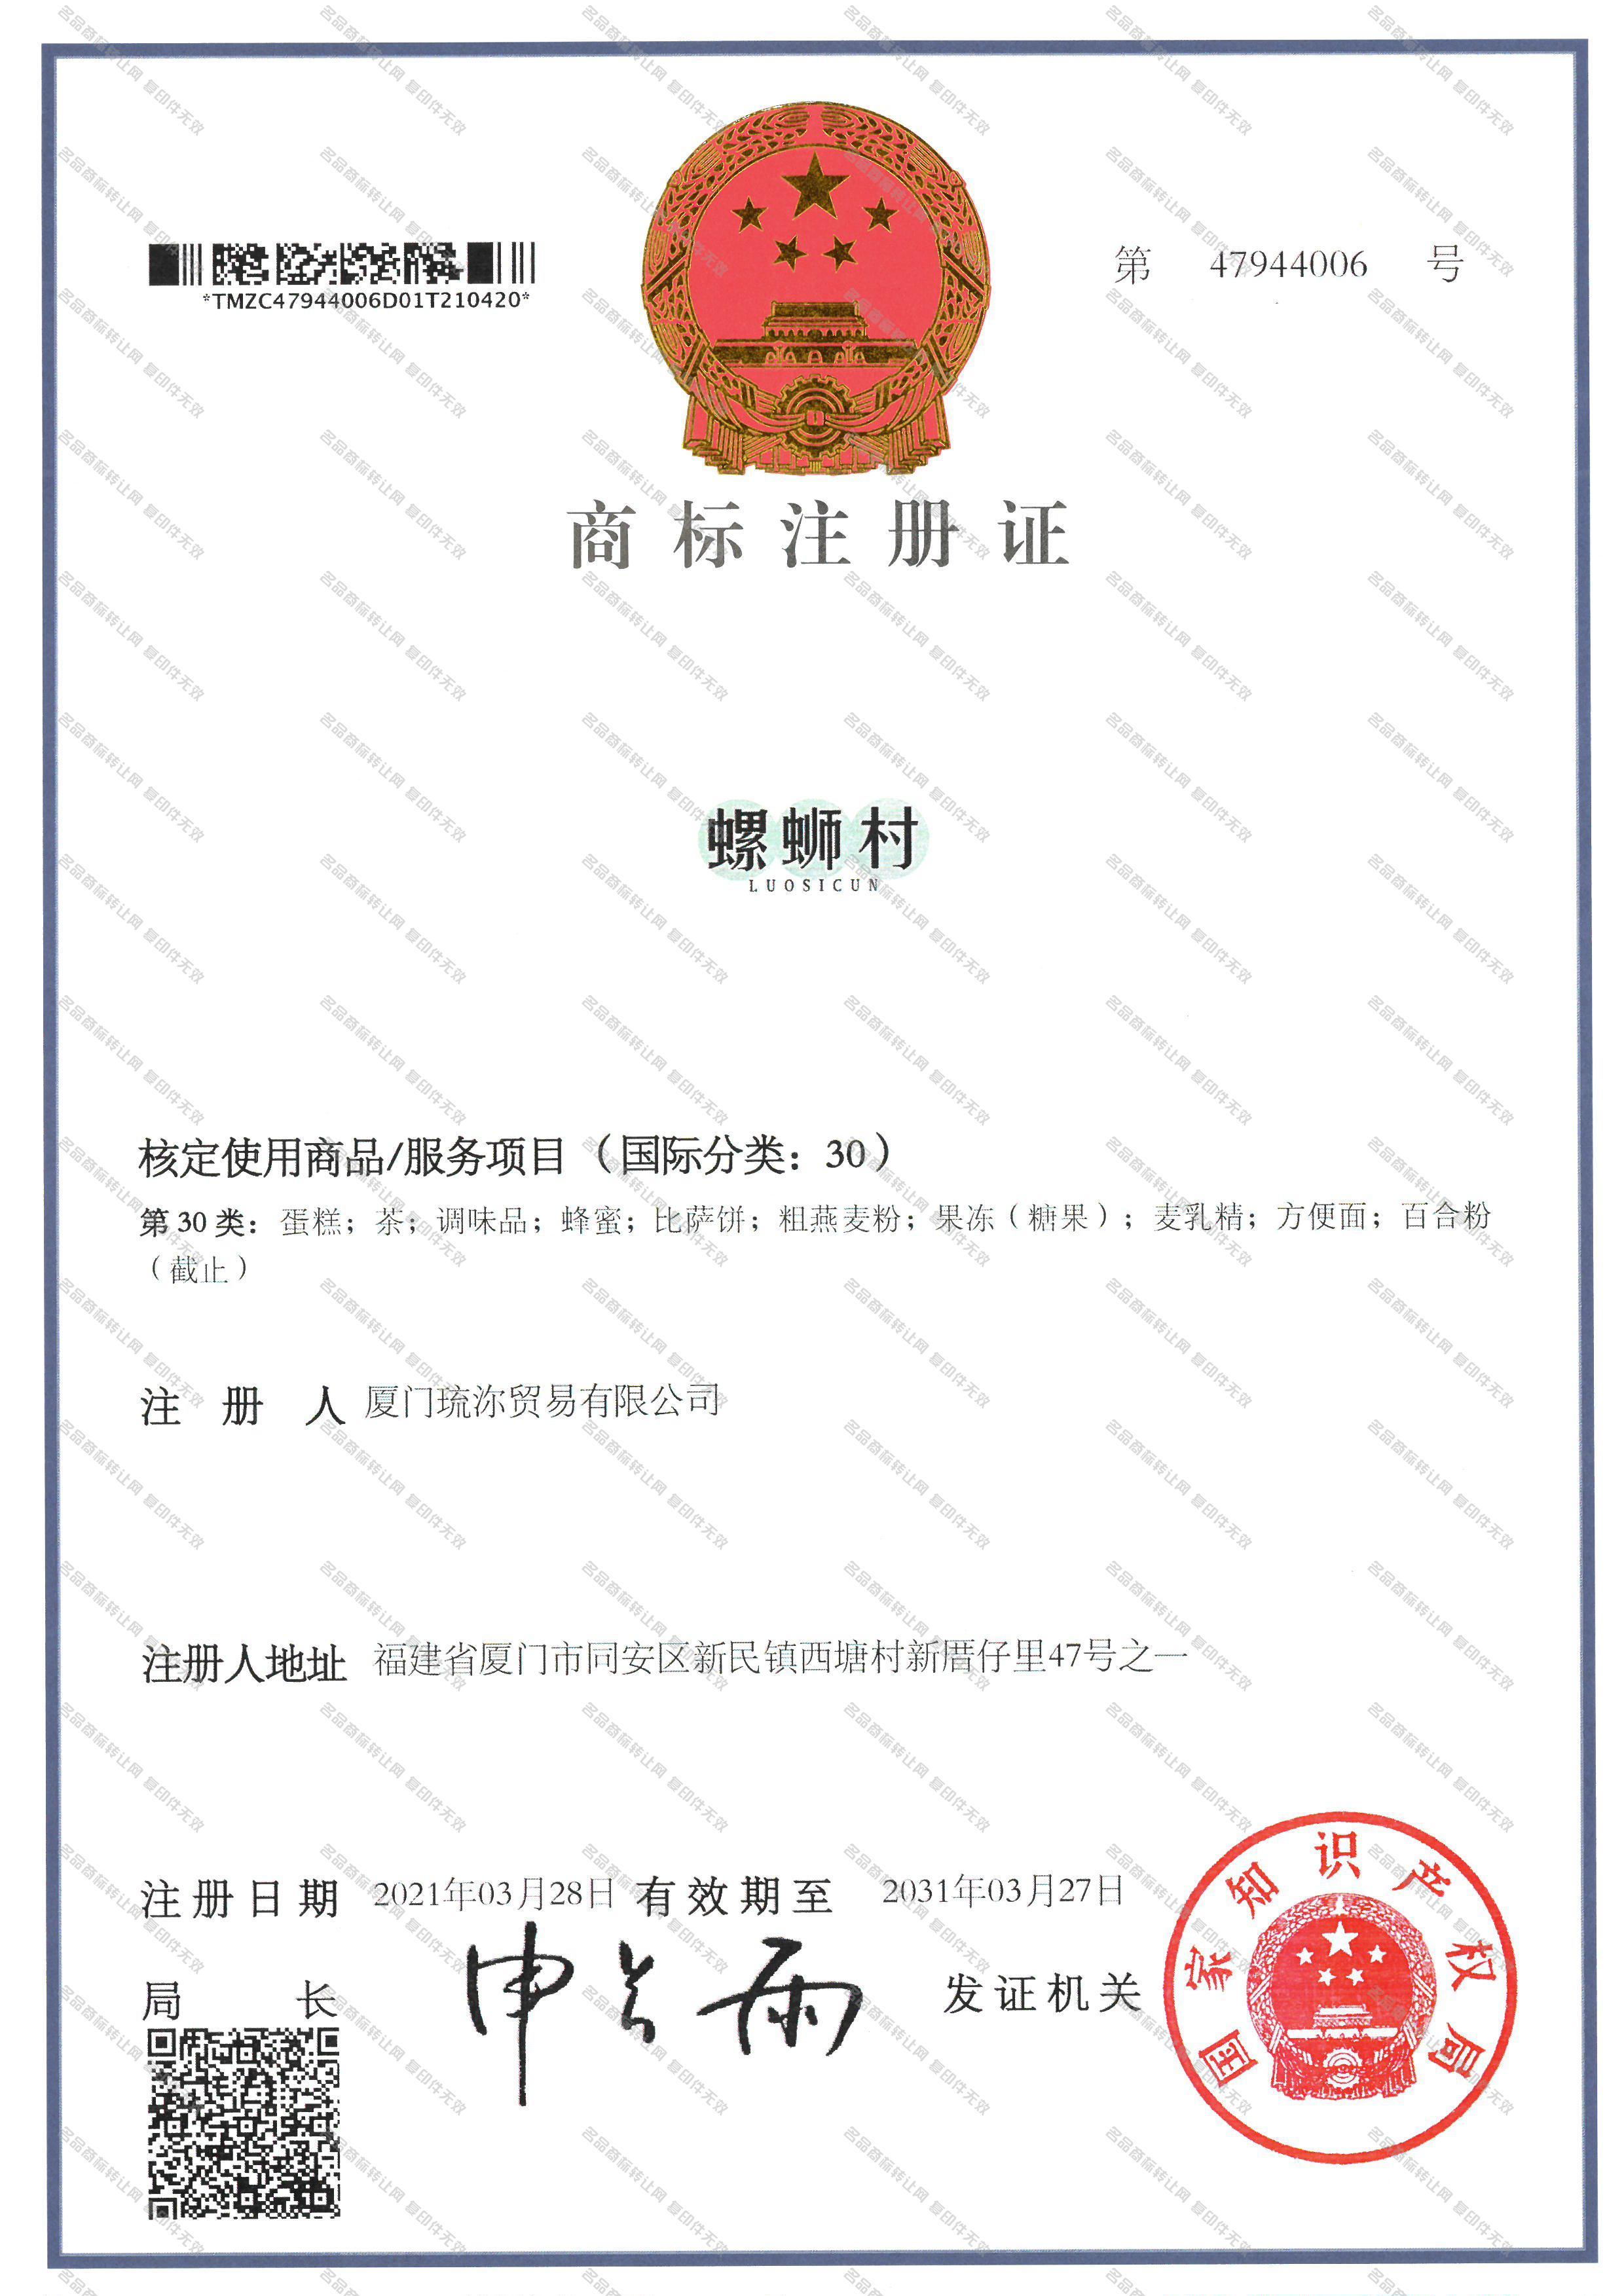 螺蛳村;LUOSICUN注册证